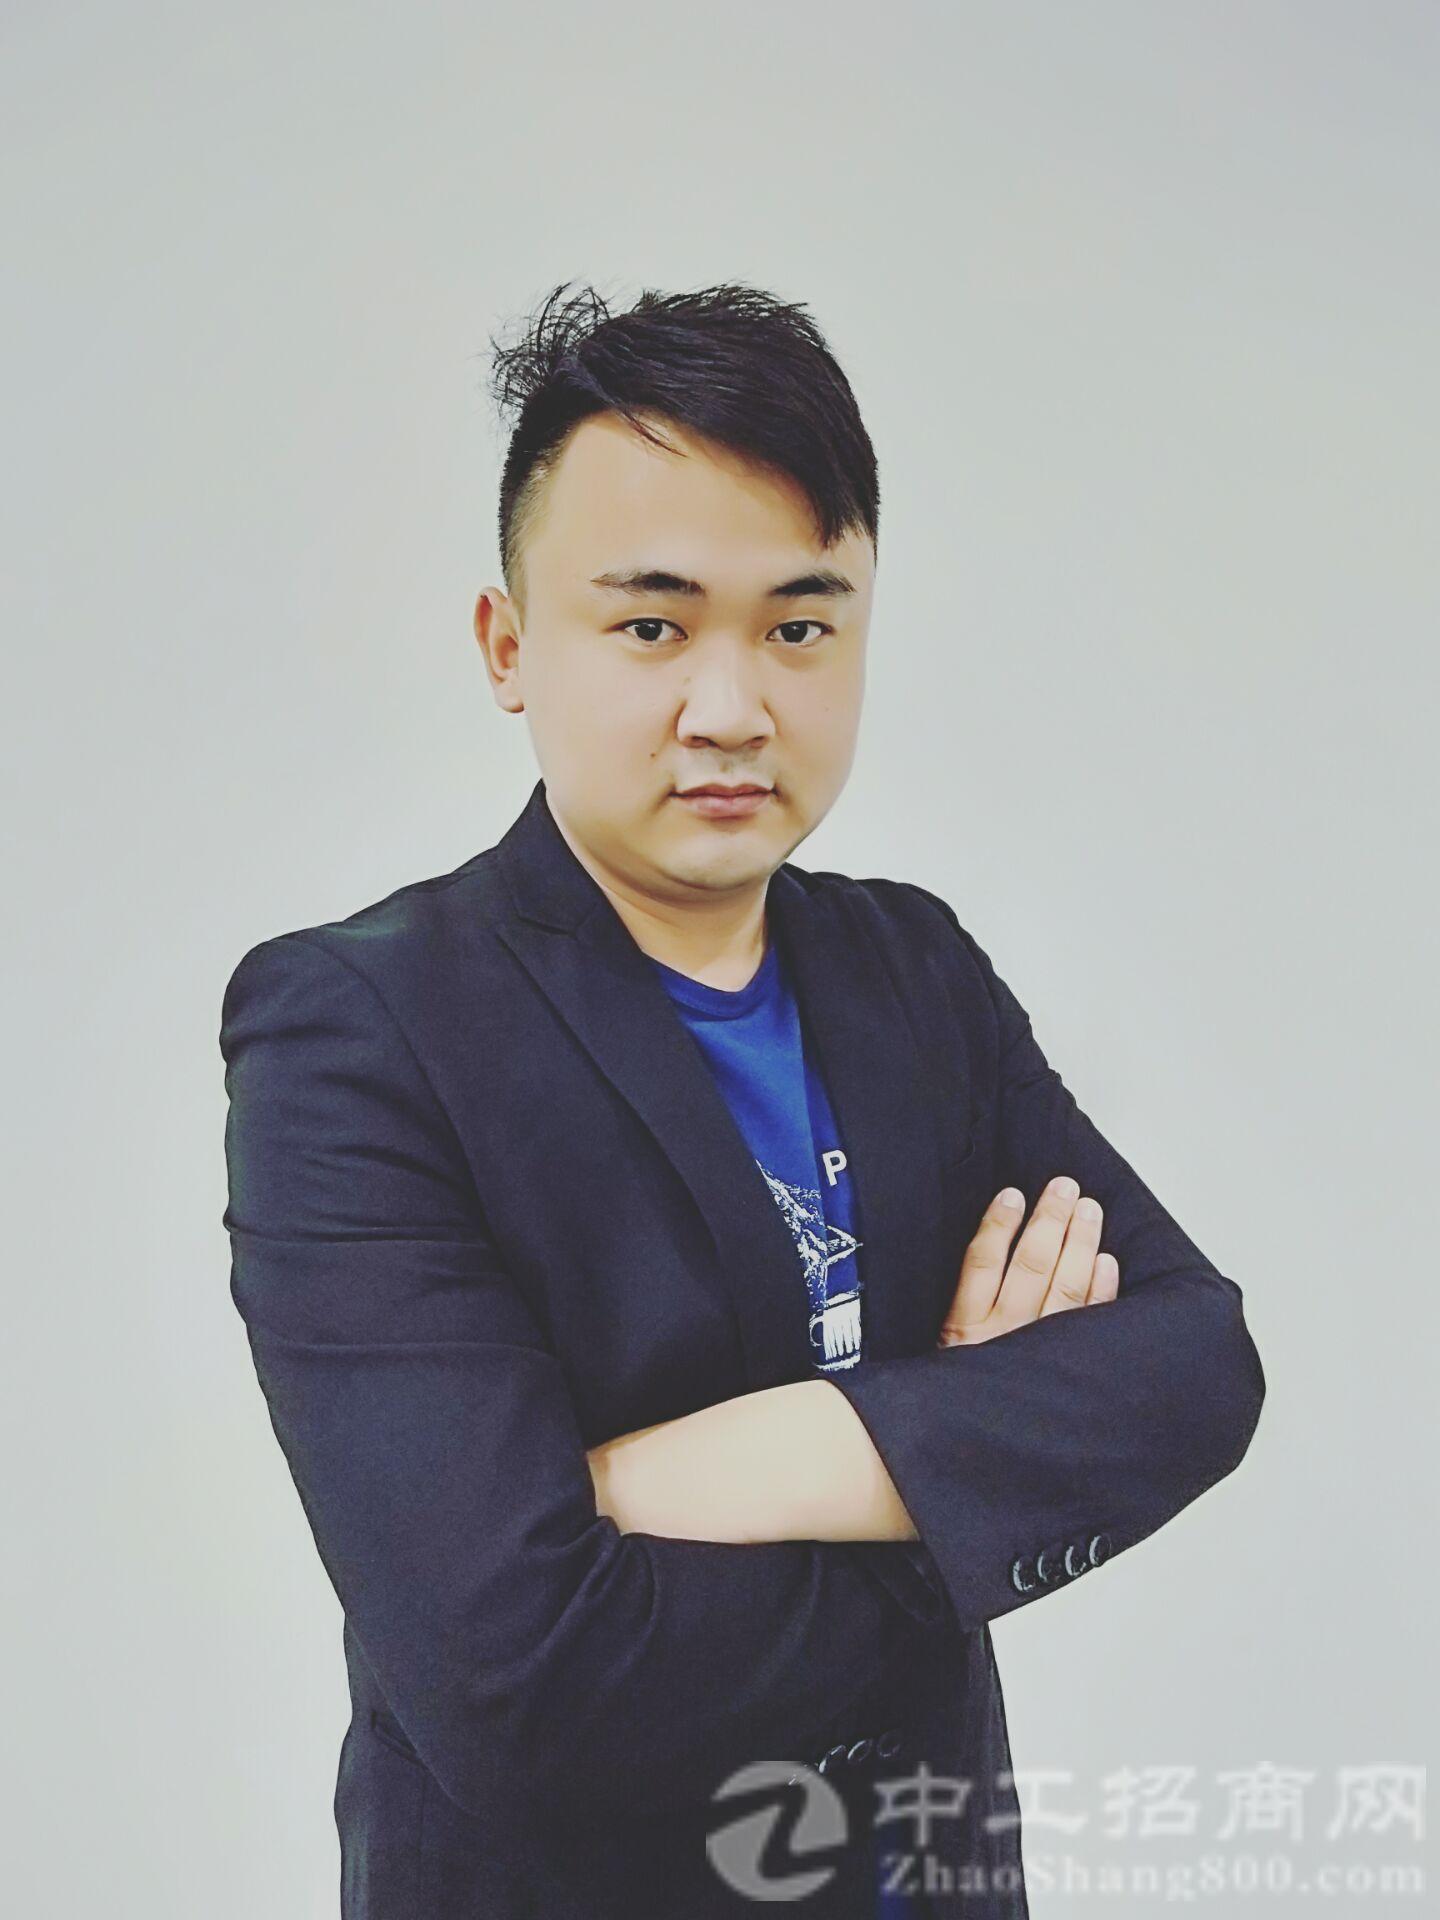 厂房经纪人肖基俊